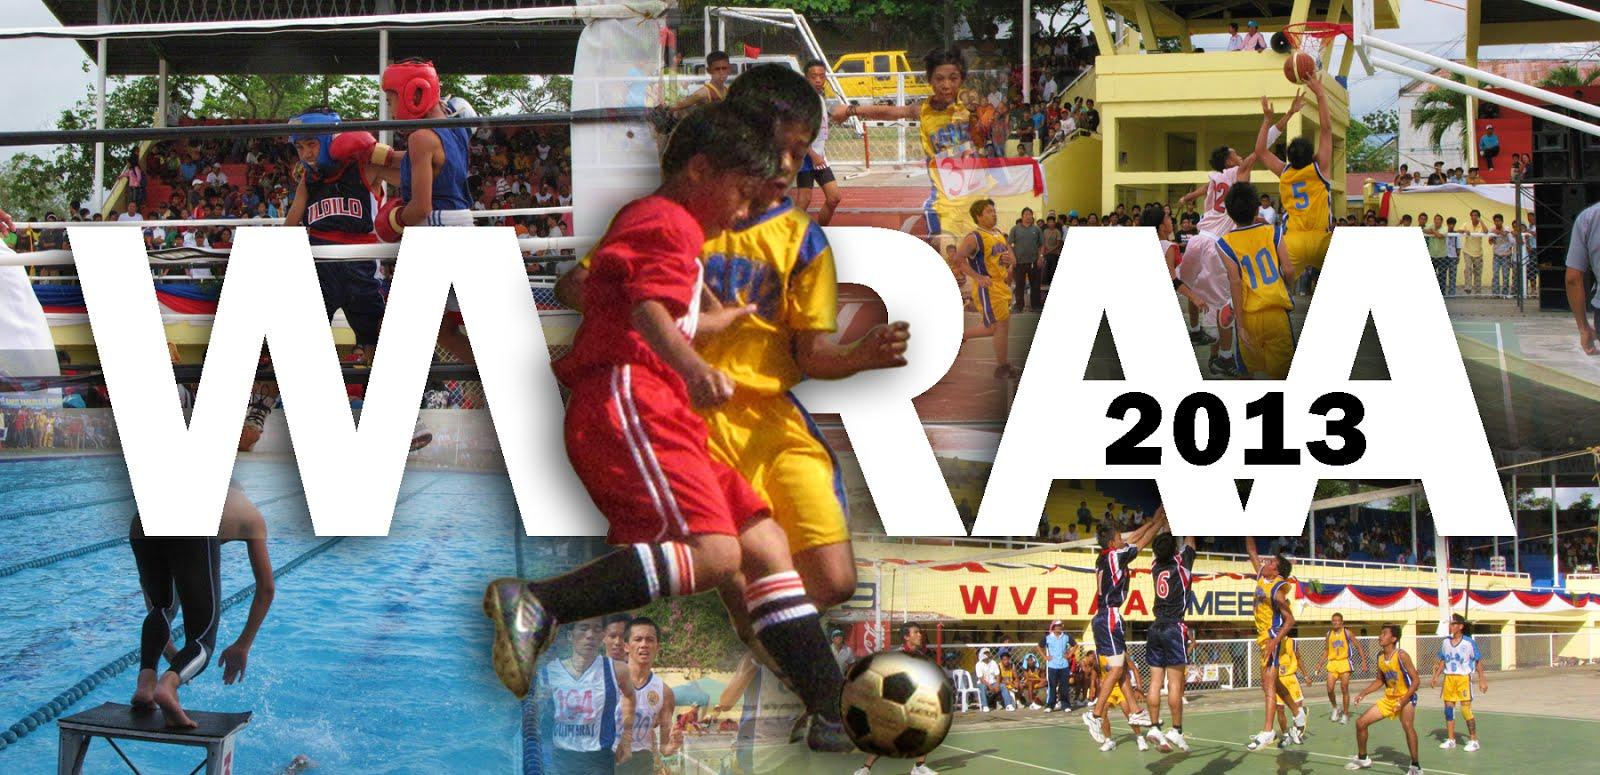 wvraa meet 2014 arnis